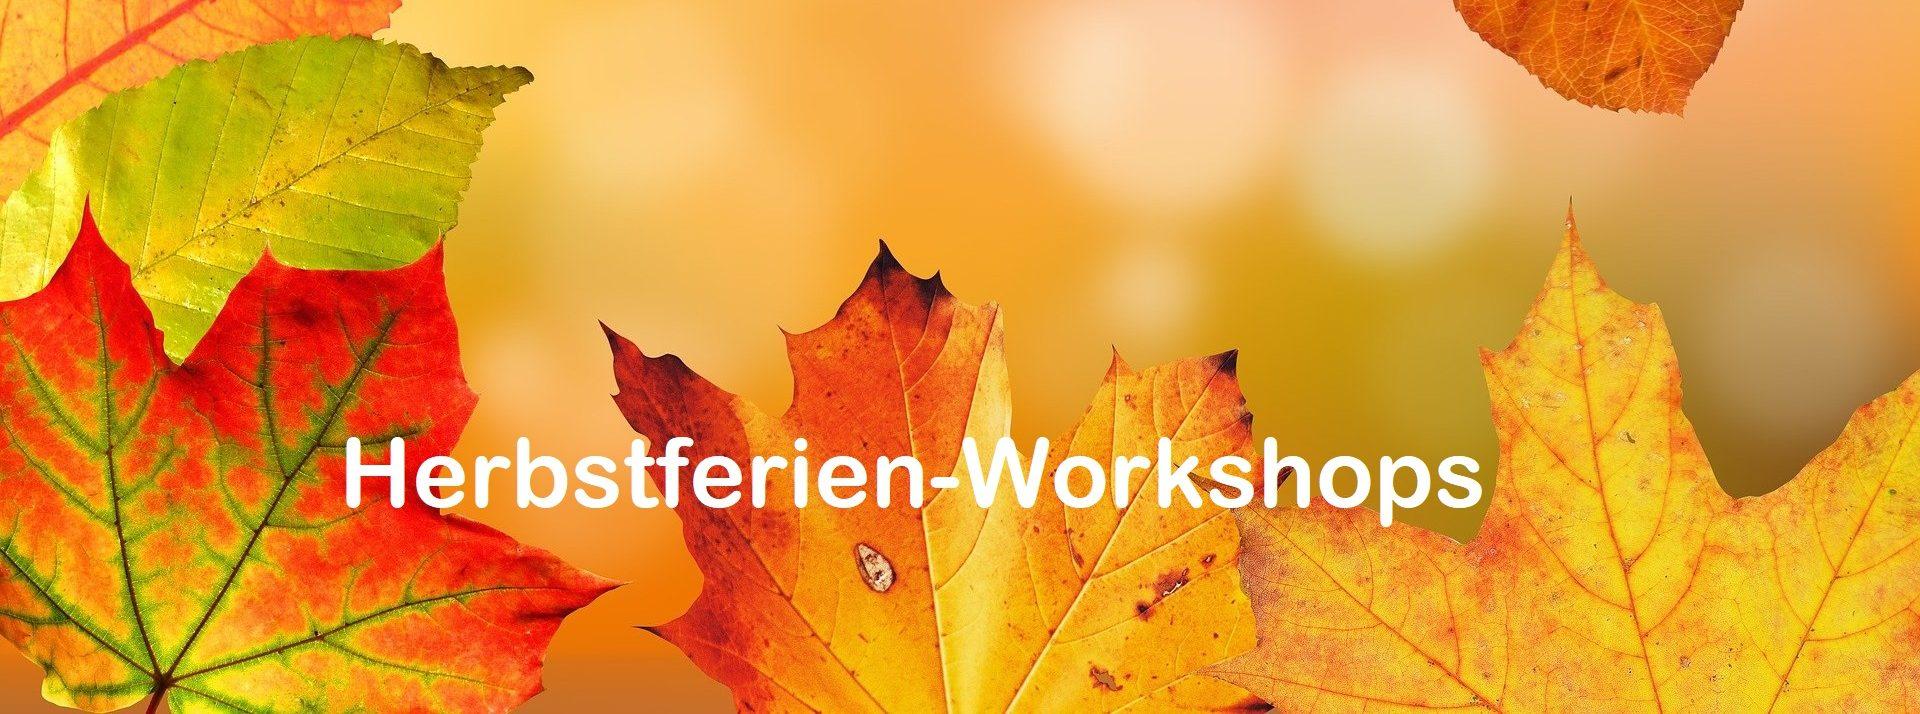 Herbstferienworkshop Graffiti und Fotografie